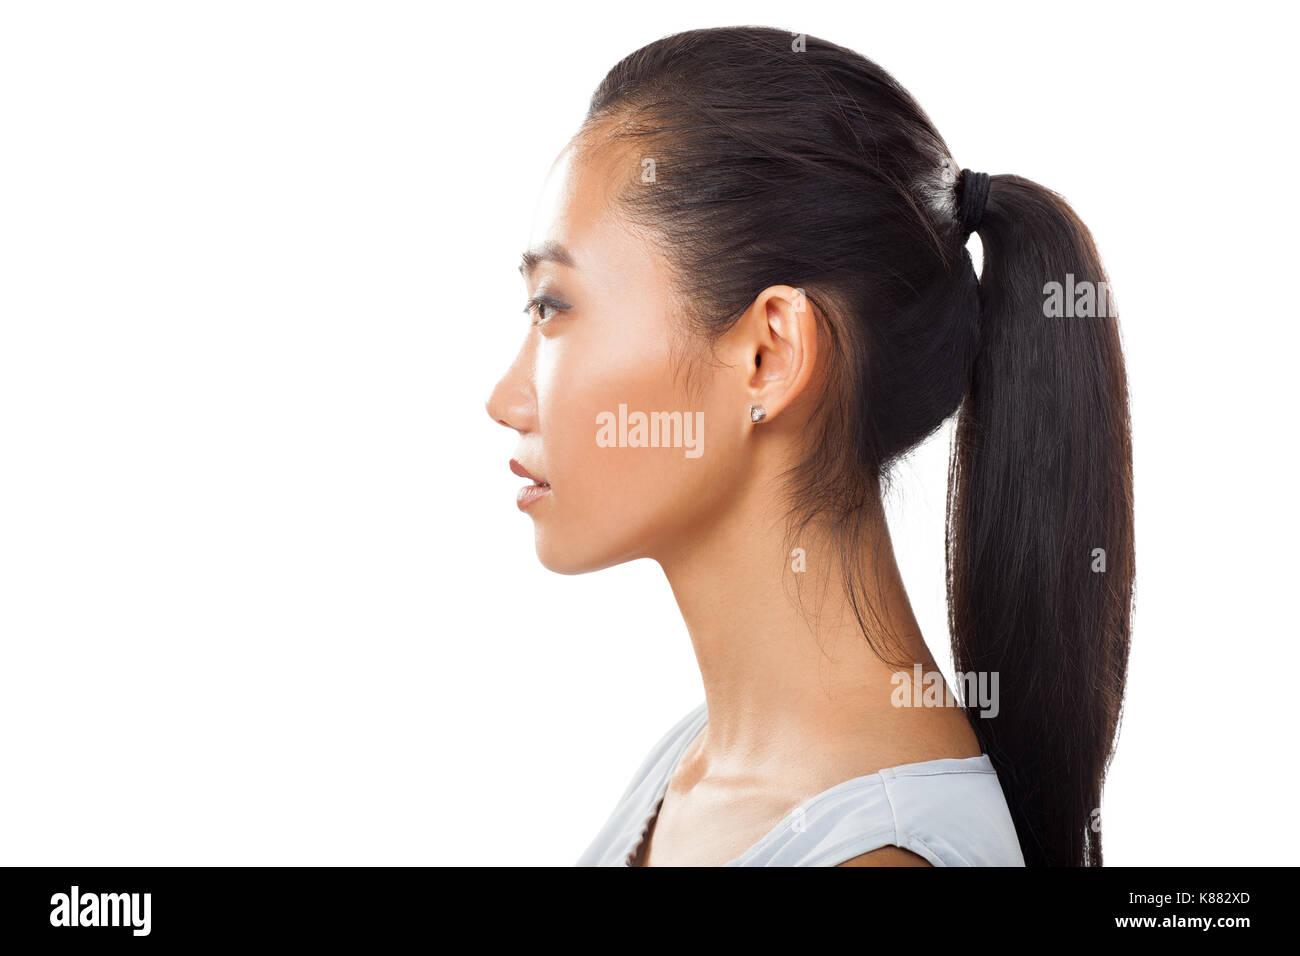 Closeup Portrait von Asiatische junge Frau im Profil mit Pferdeschwanz.  Studio Foto hübsches Mädchen mit Gegerbten frische Haut und dunklen Haaren  für ... a66ad799ec